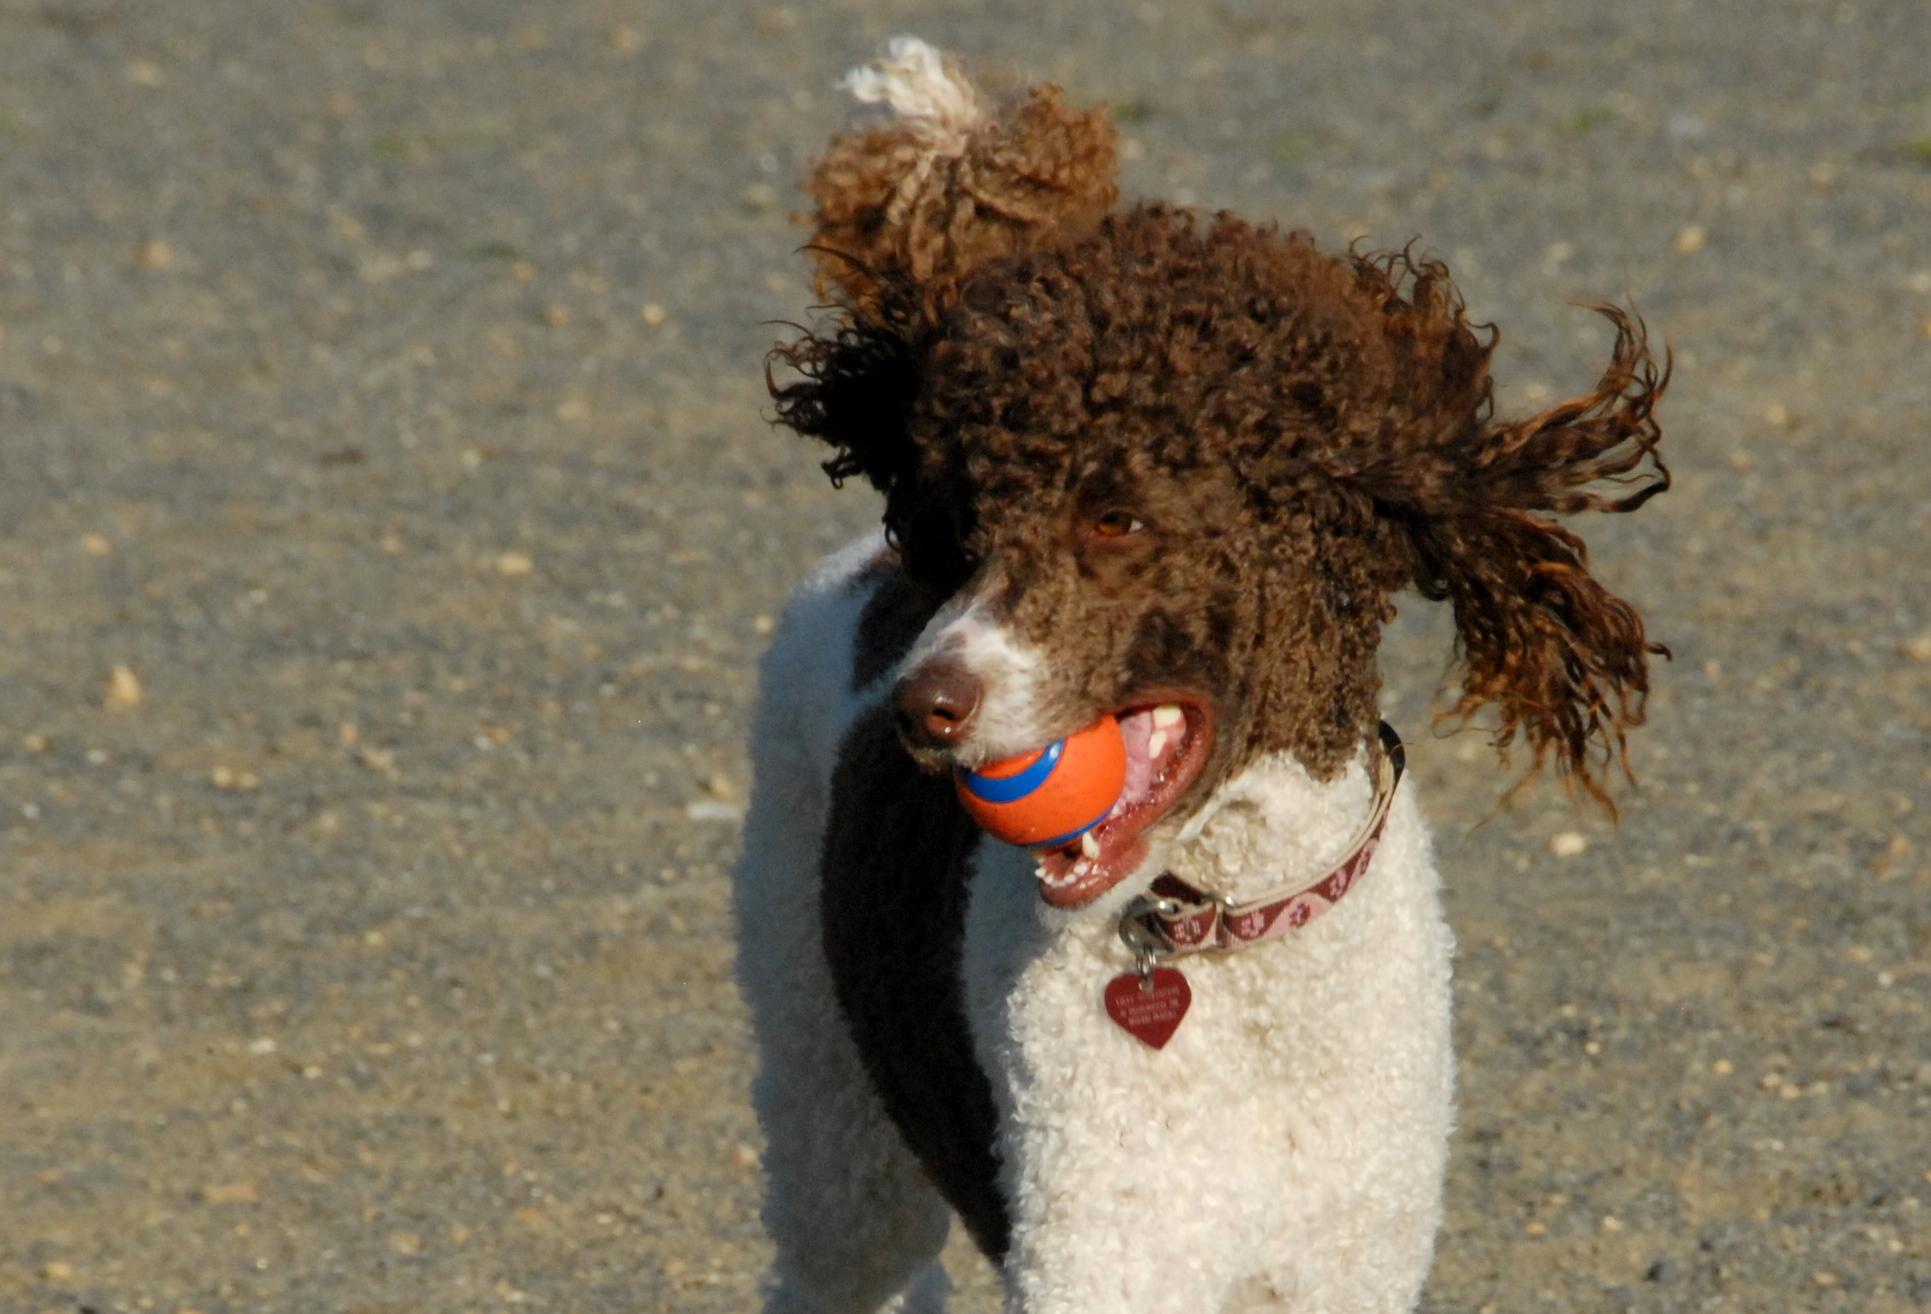 Moose | Morris County and Denville, NJ Dog Parks